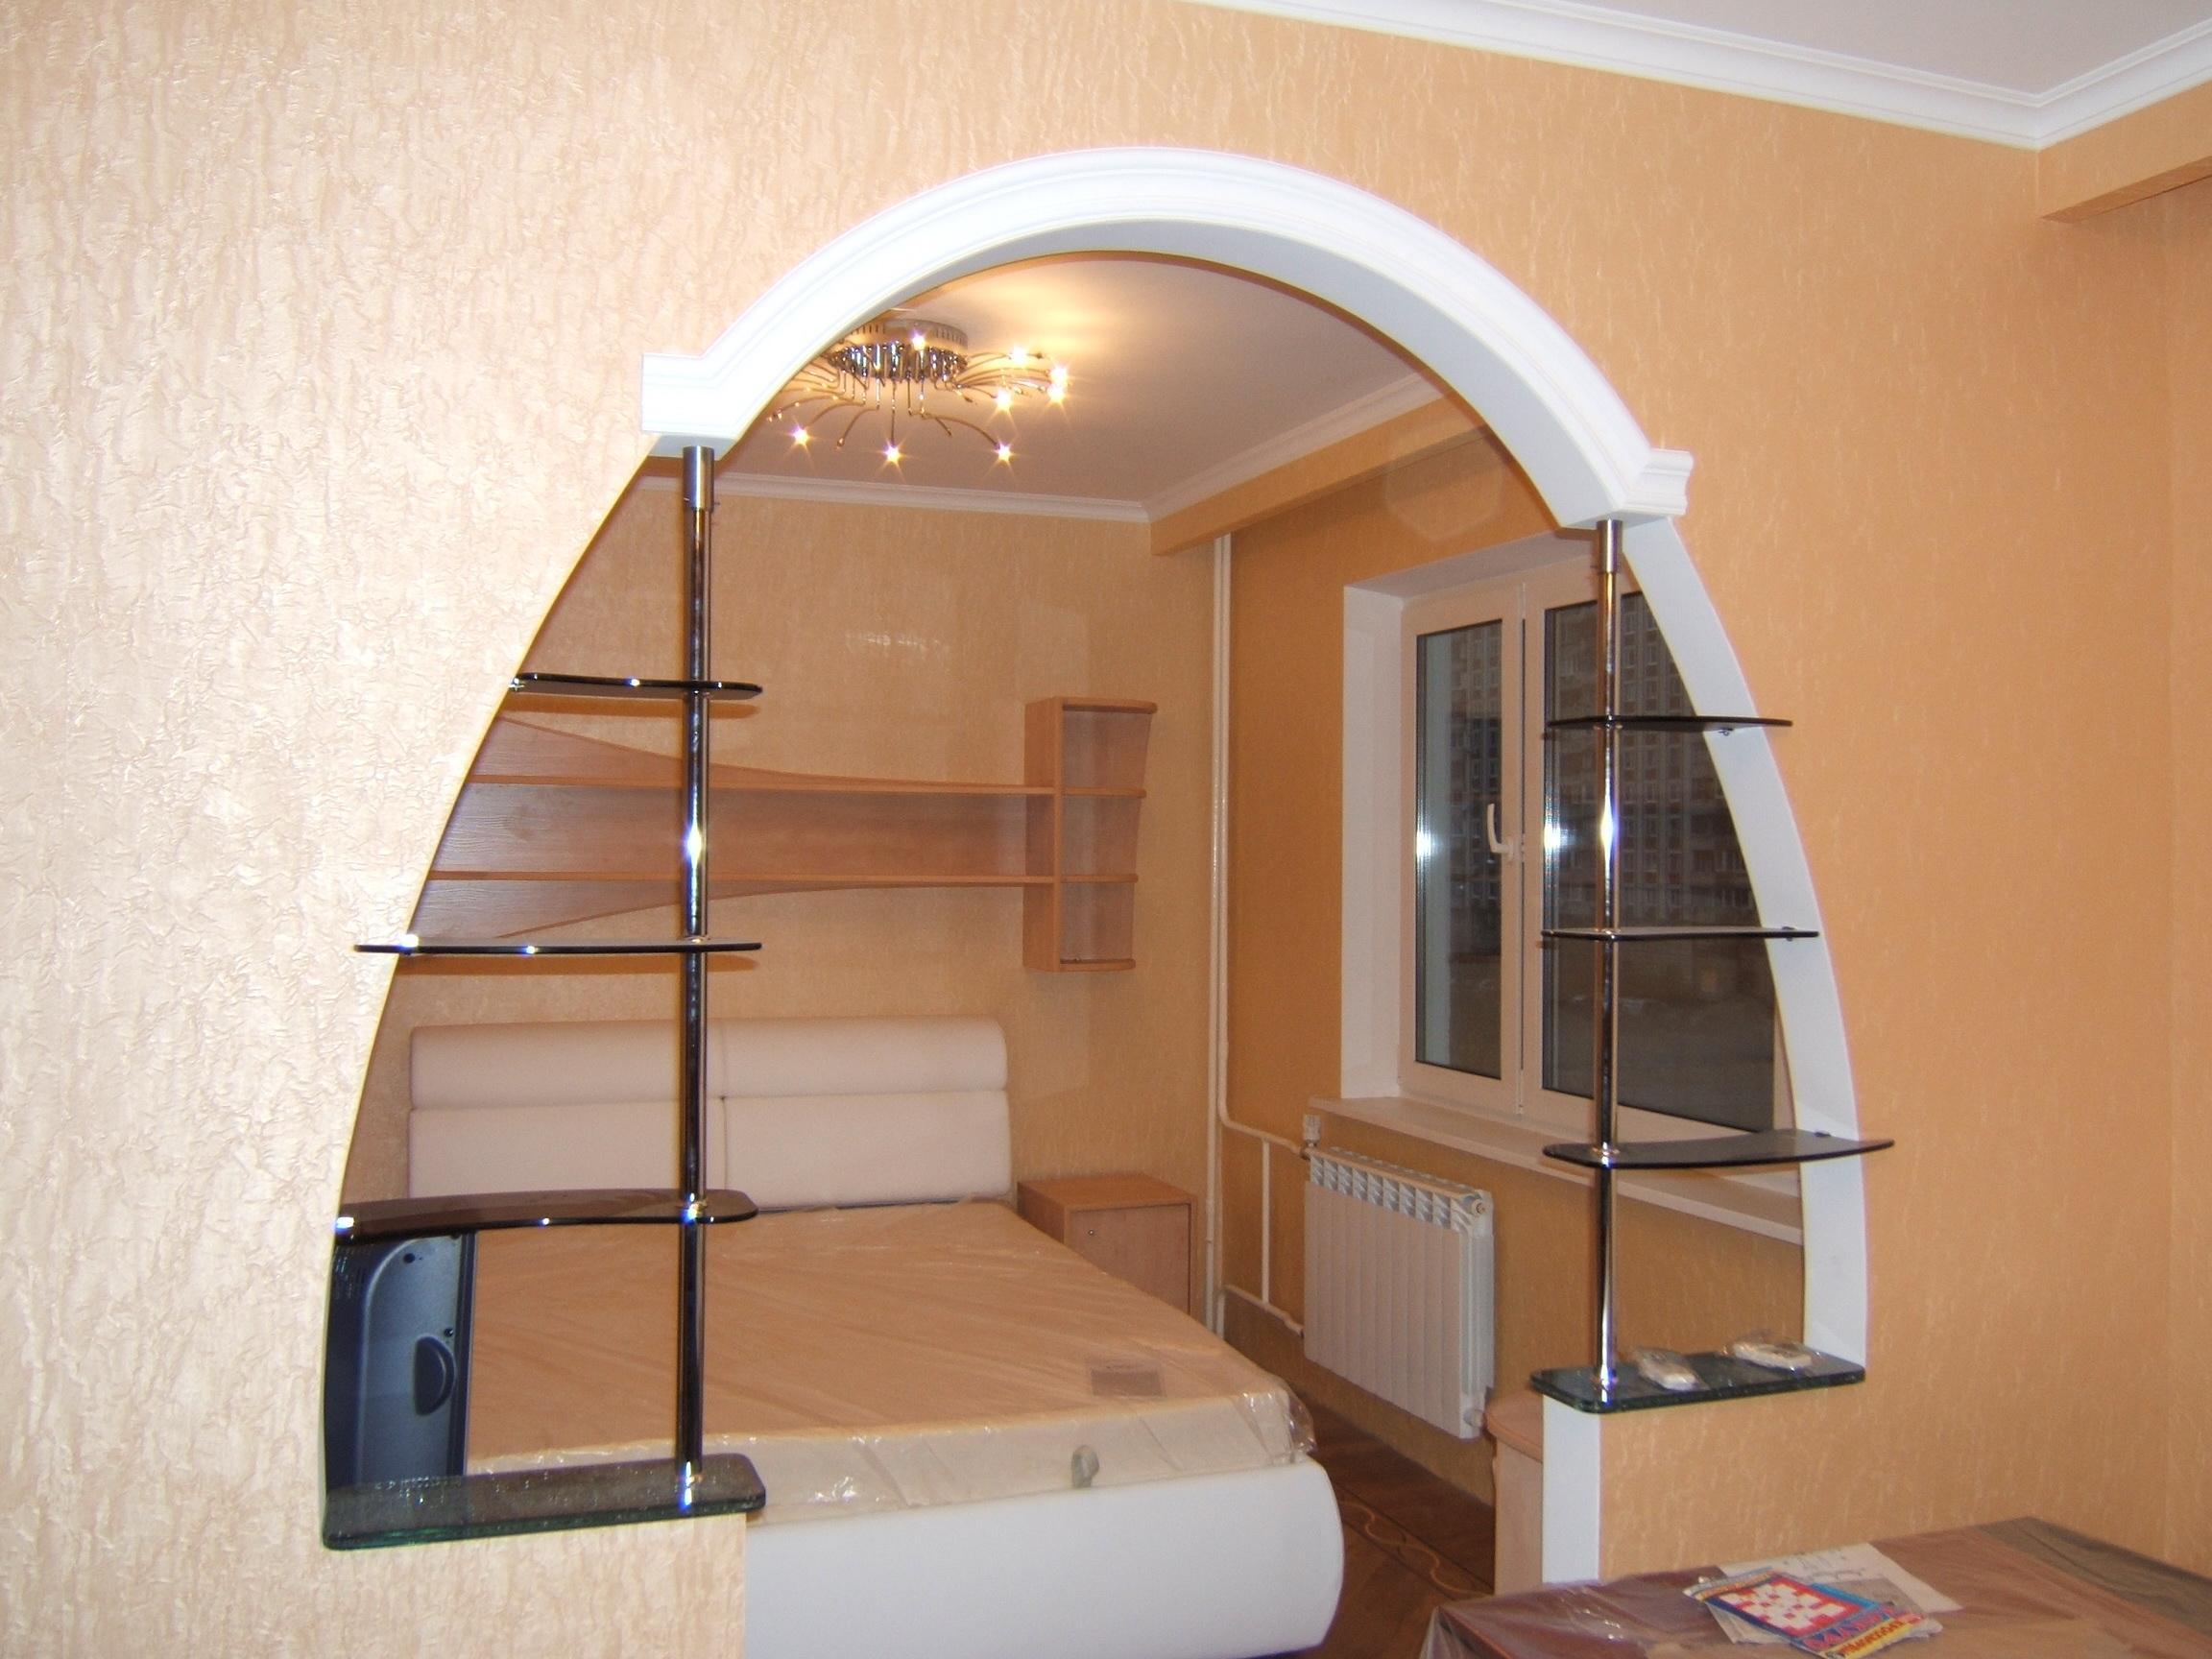 Декор арки в квартире фото